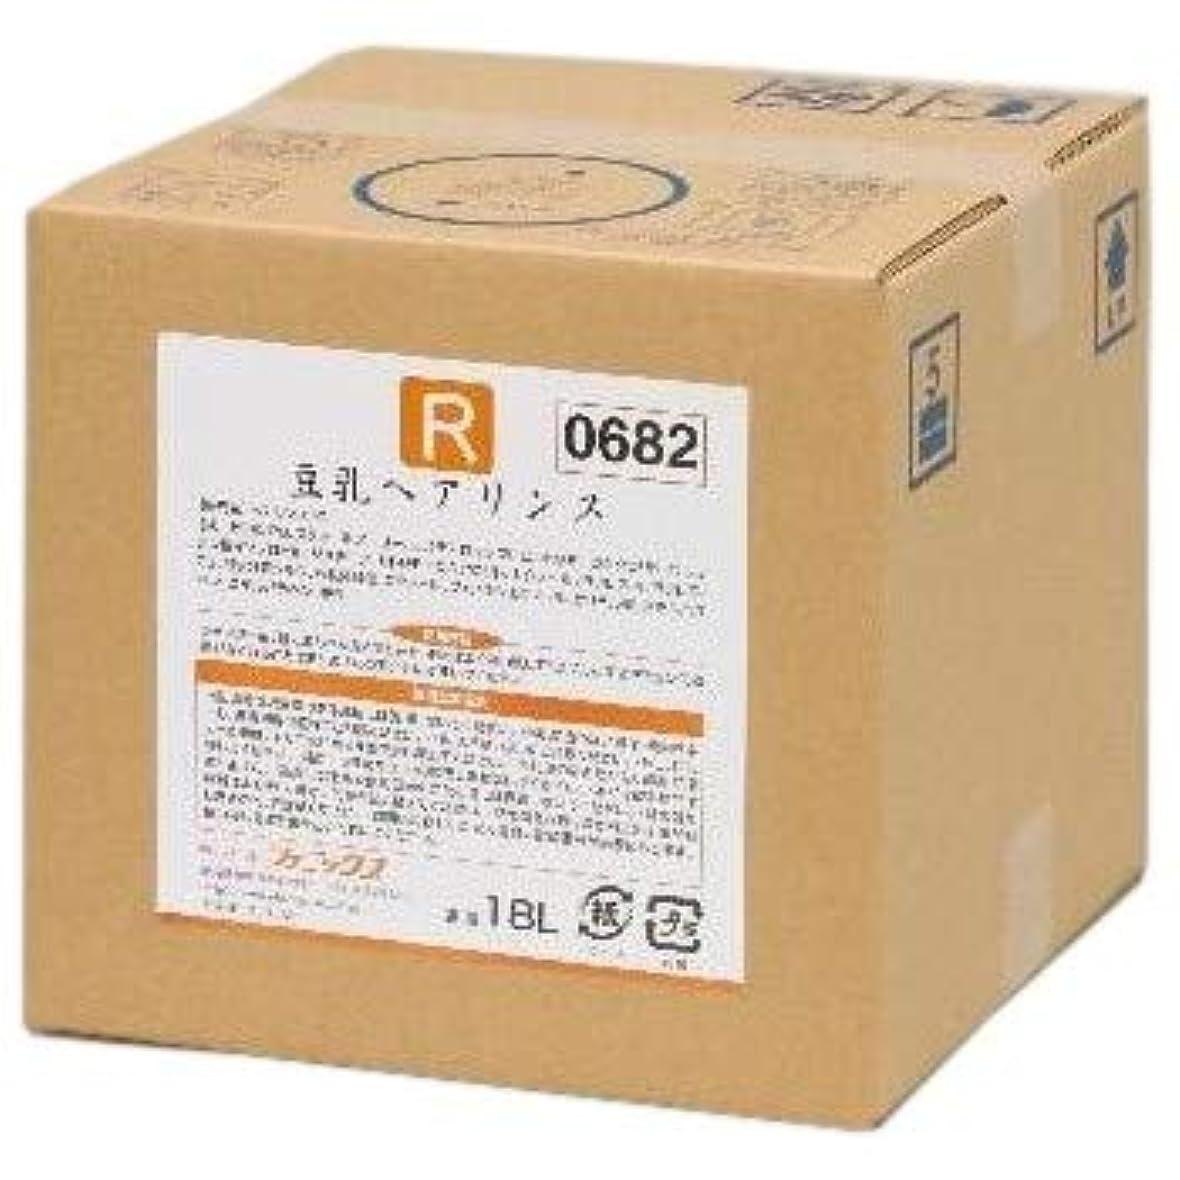 鉄霊解任豆乳ヘアリンス 18L 1個